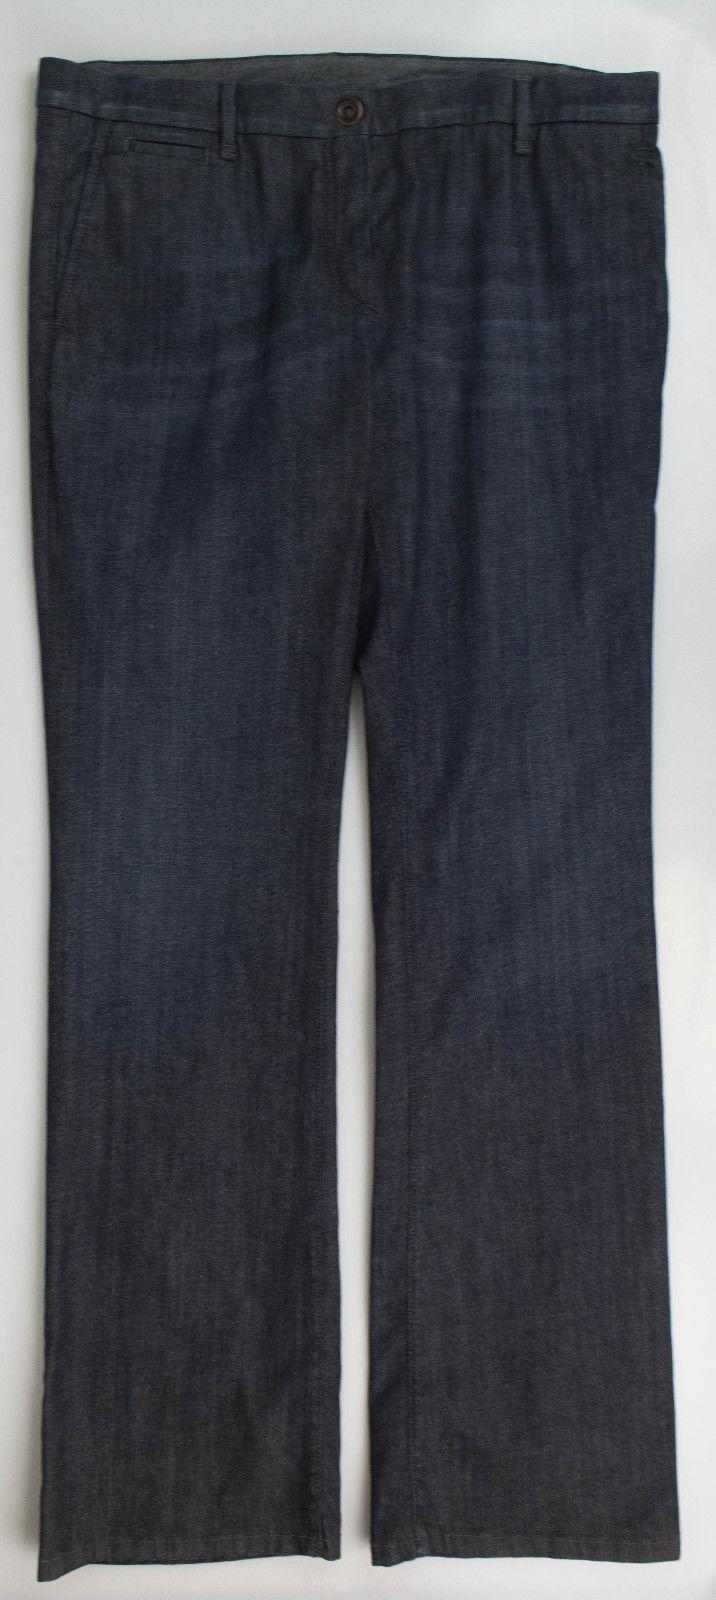 Neu Brunello Cucinelli Damen Blau Baumwolle Mischung Jeans Hose Größe 48 12